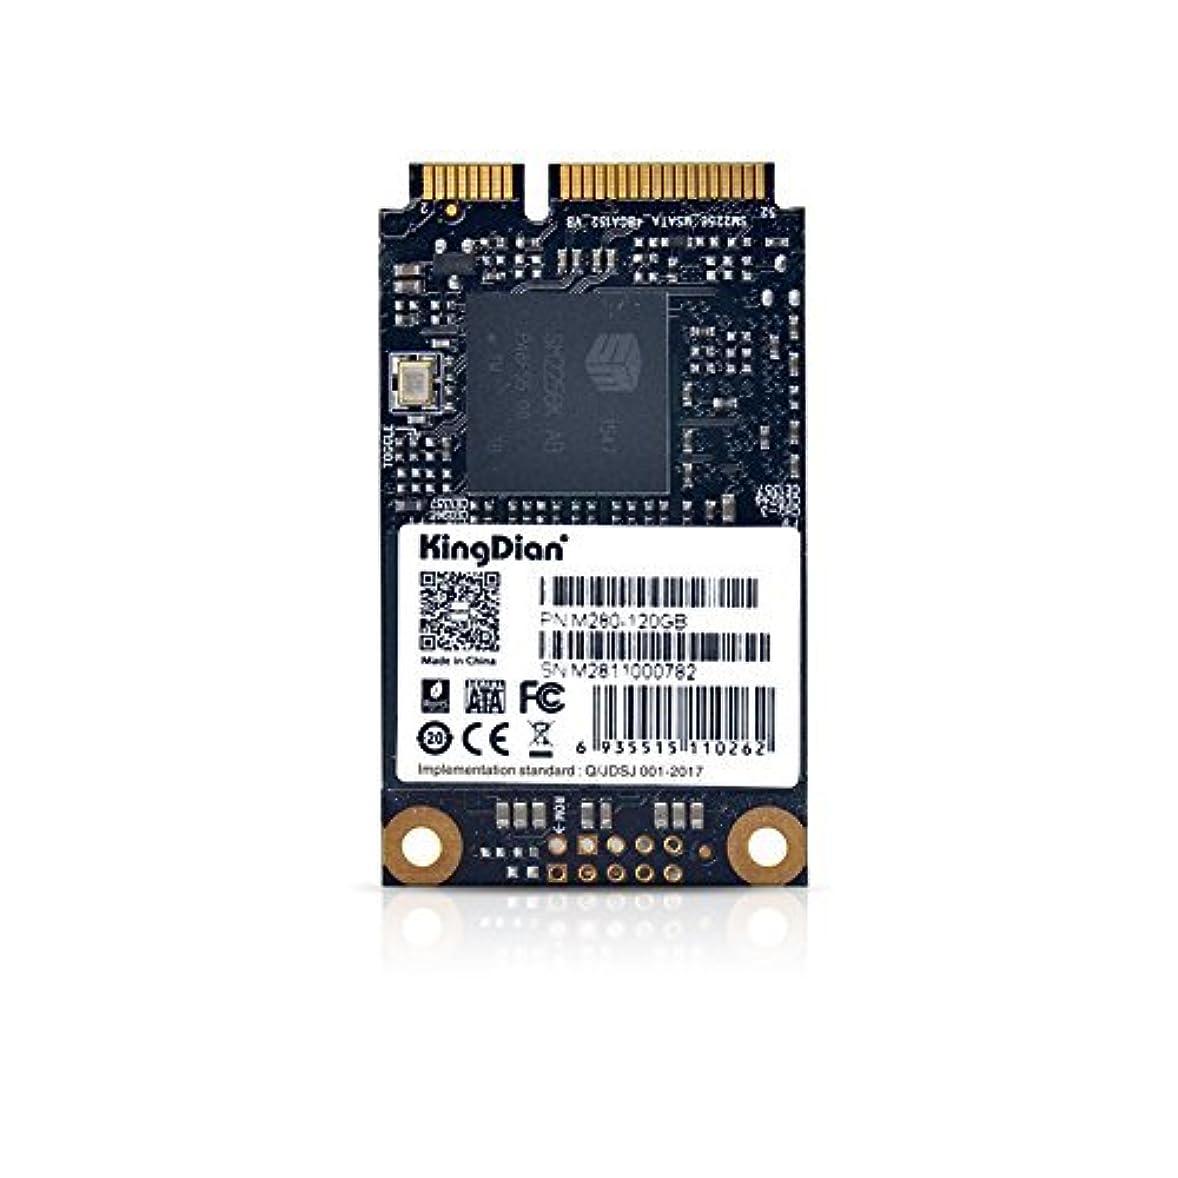 チョコレート拒否徹底的にKingDian mSATA Mini PCIE 120GB SSD Solid State Drive (30mm50mm) (M280 120GB) [並行輸入品]